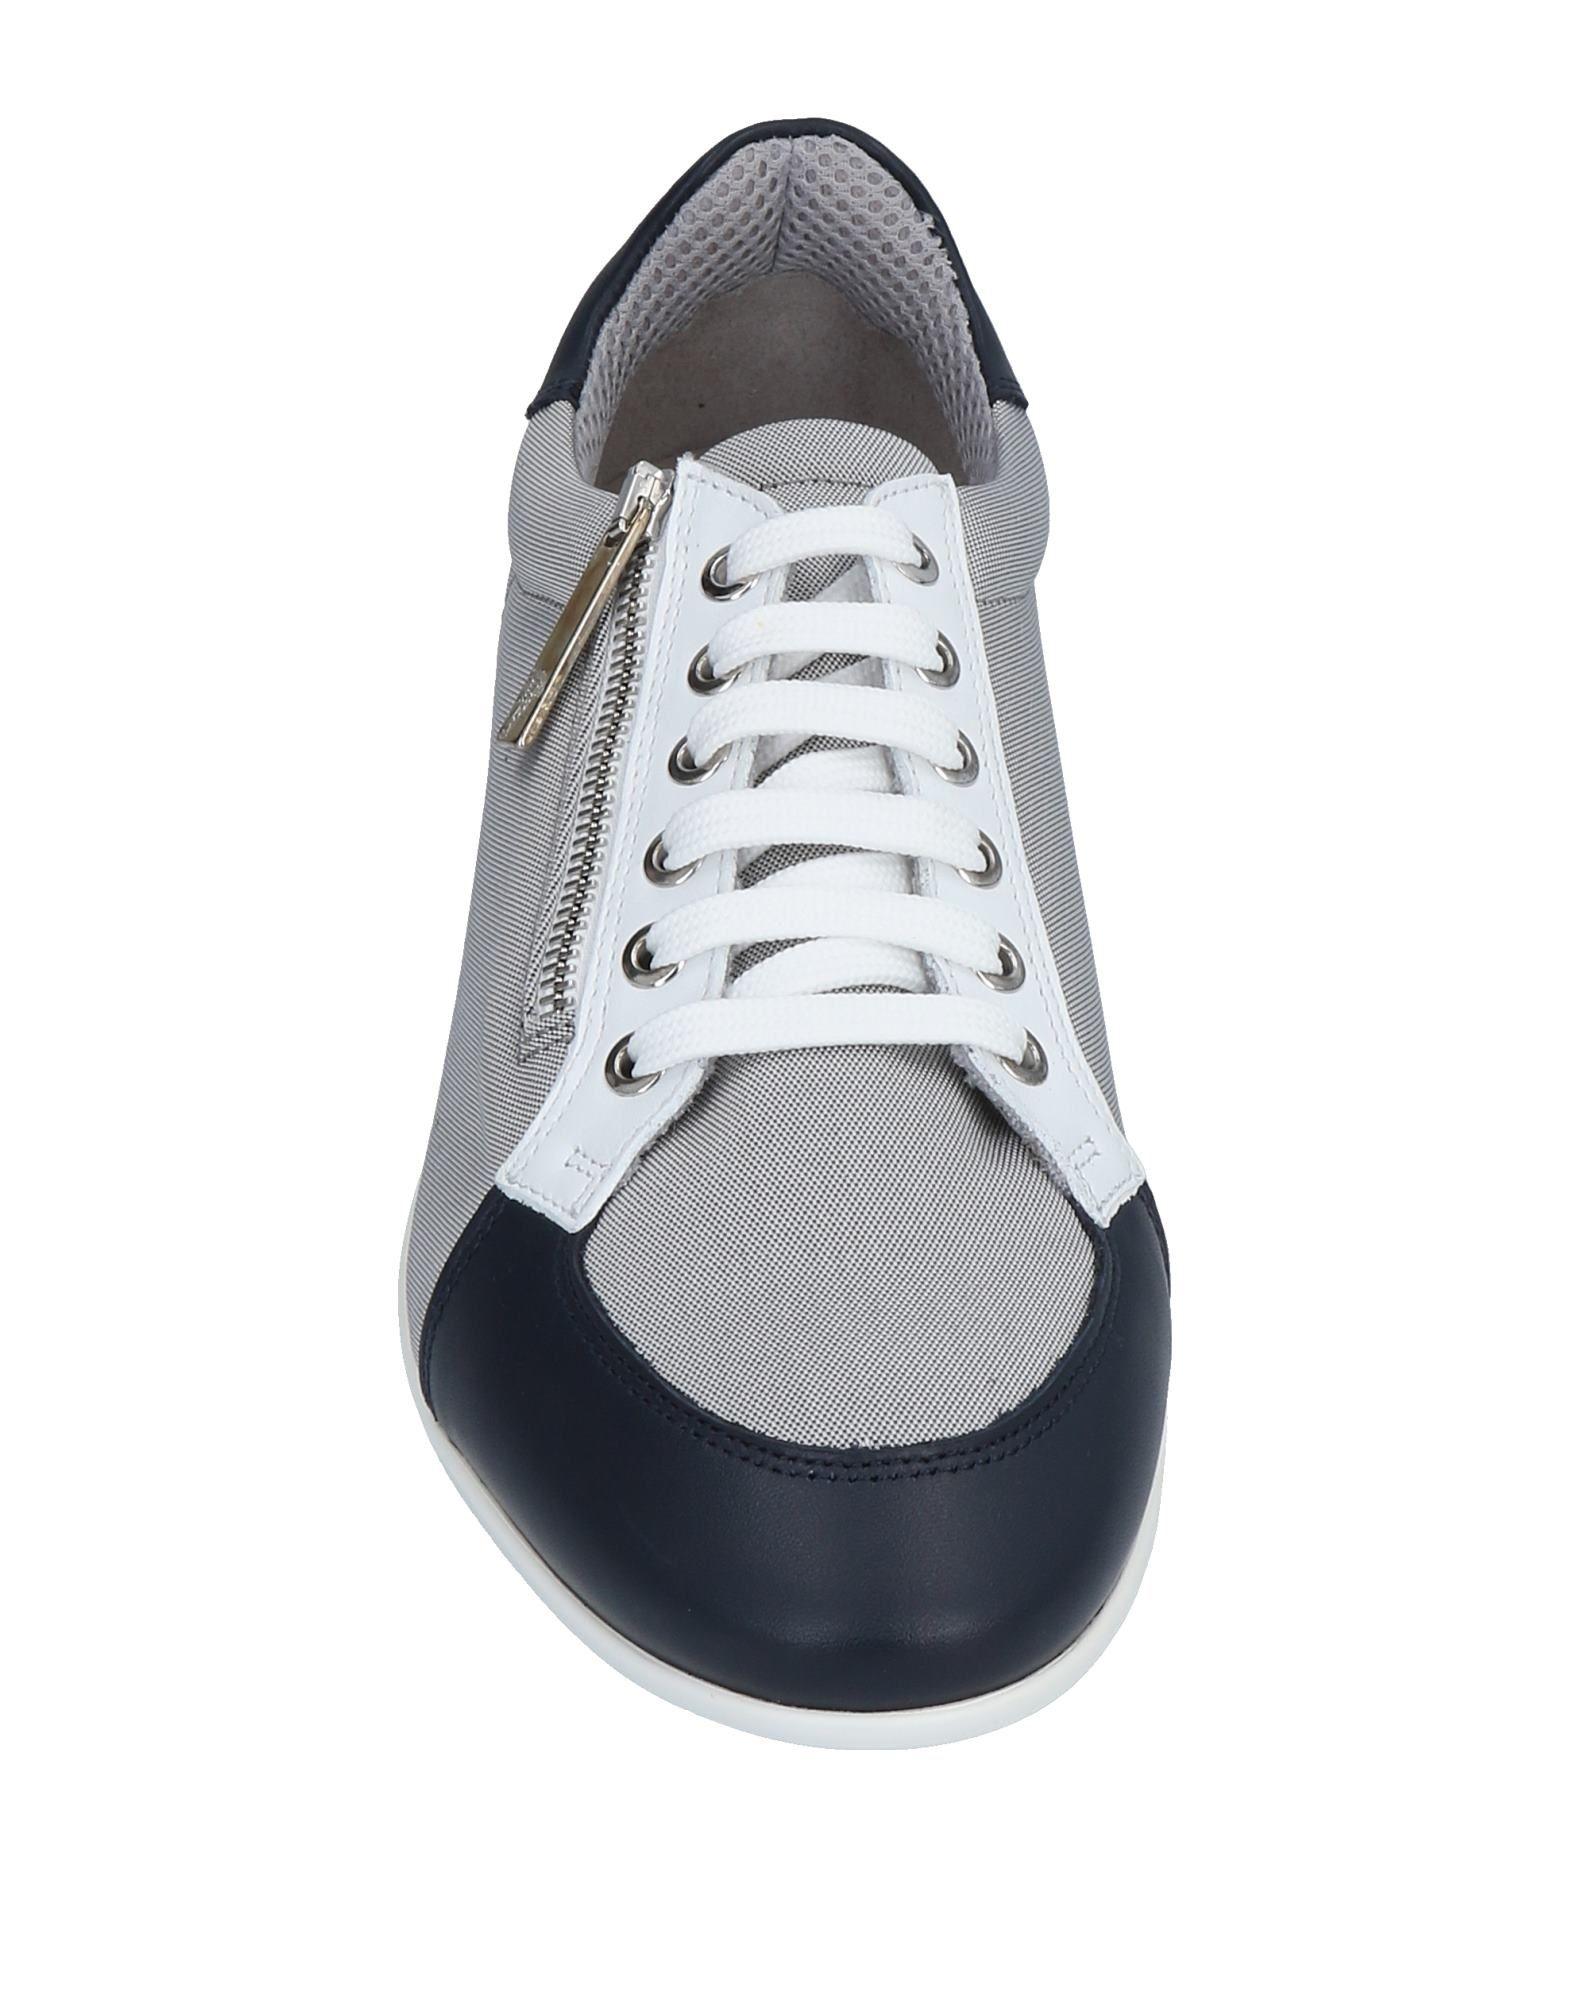 Versace Collection Sneakers Herren Herren Sneakers  11475107WU Gute Qualität beliebte Schuhe 1f08c2